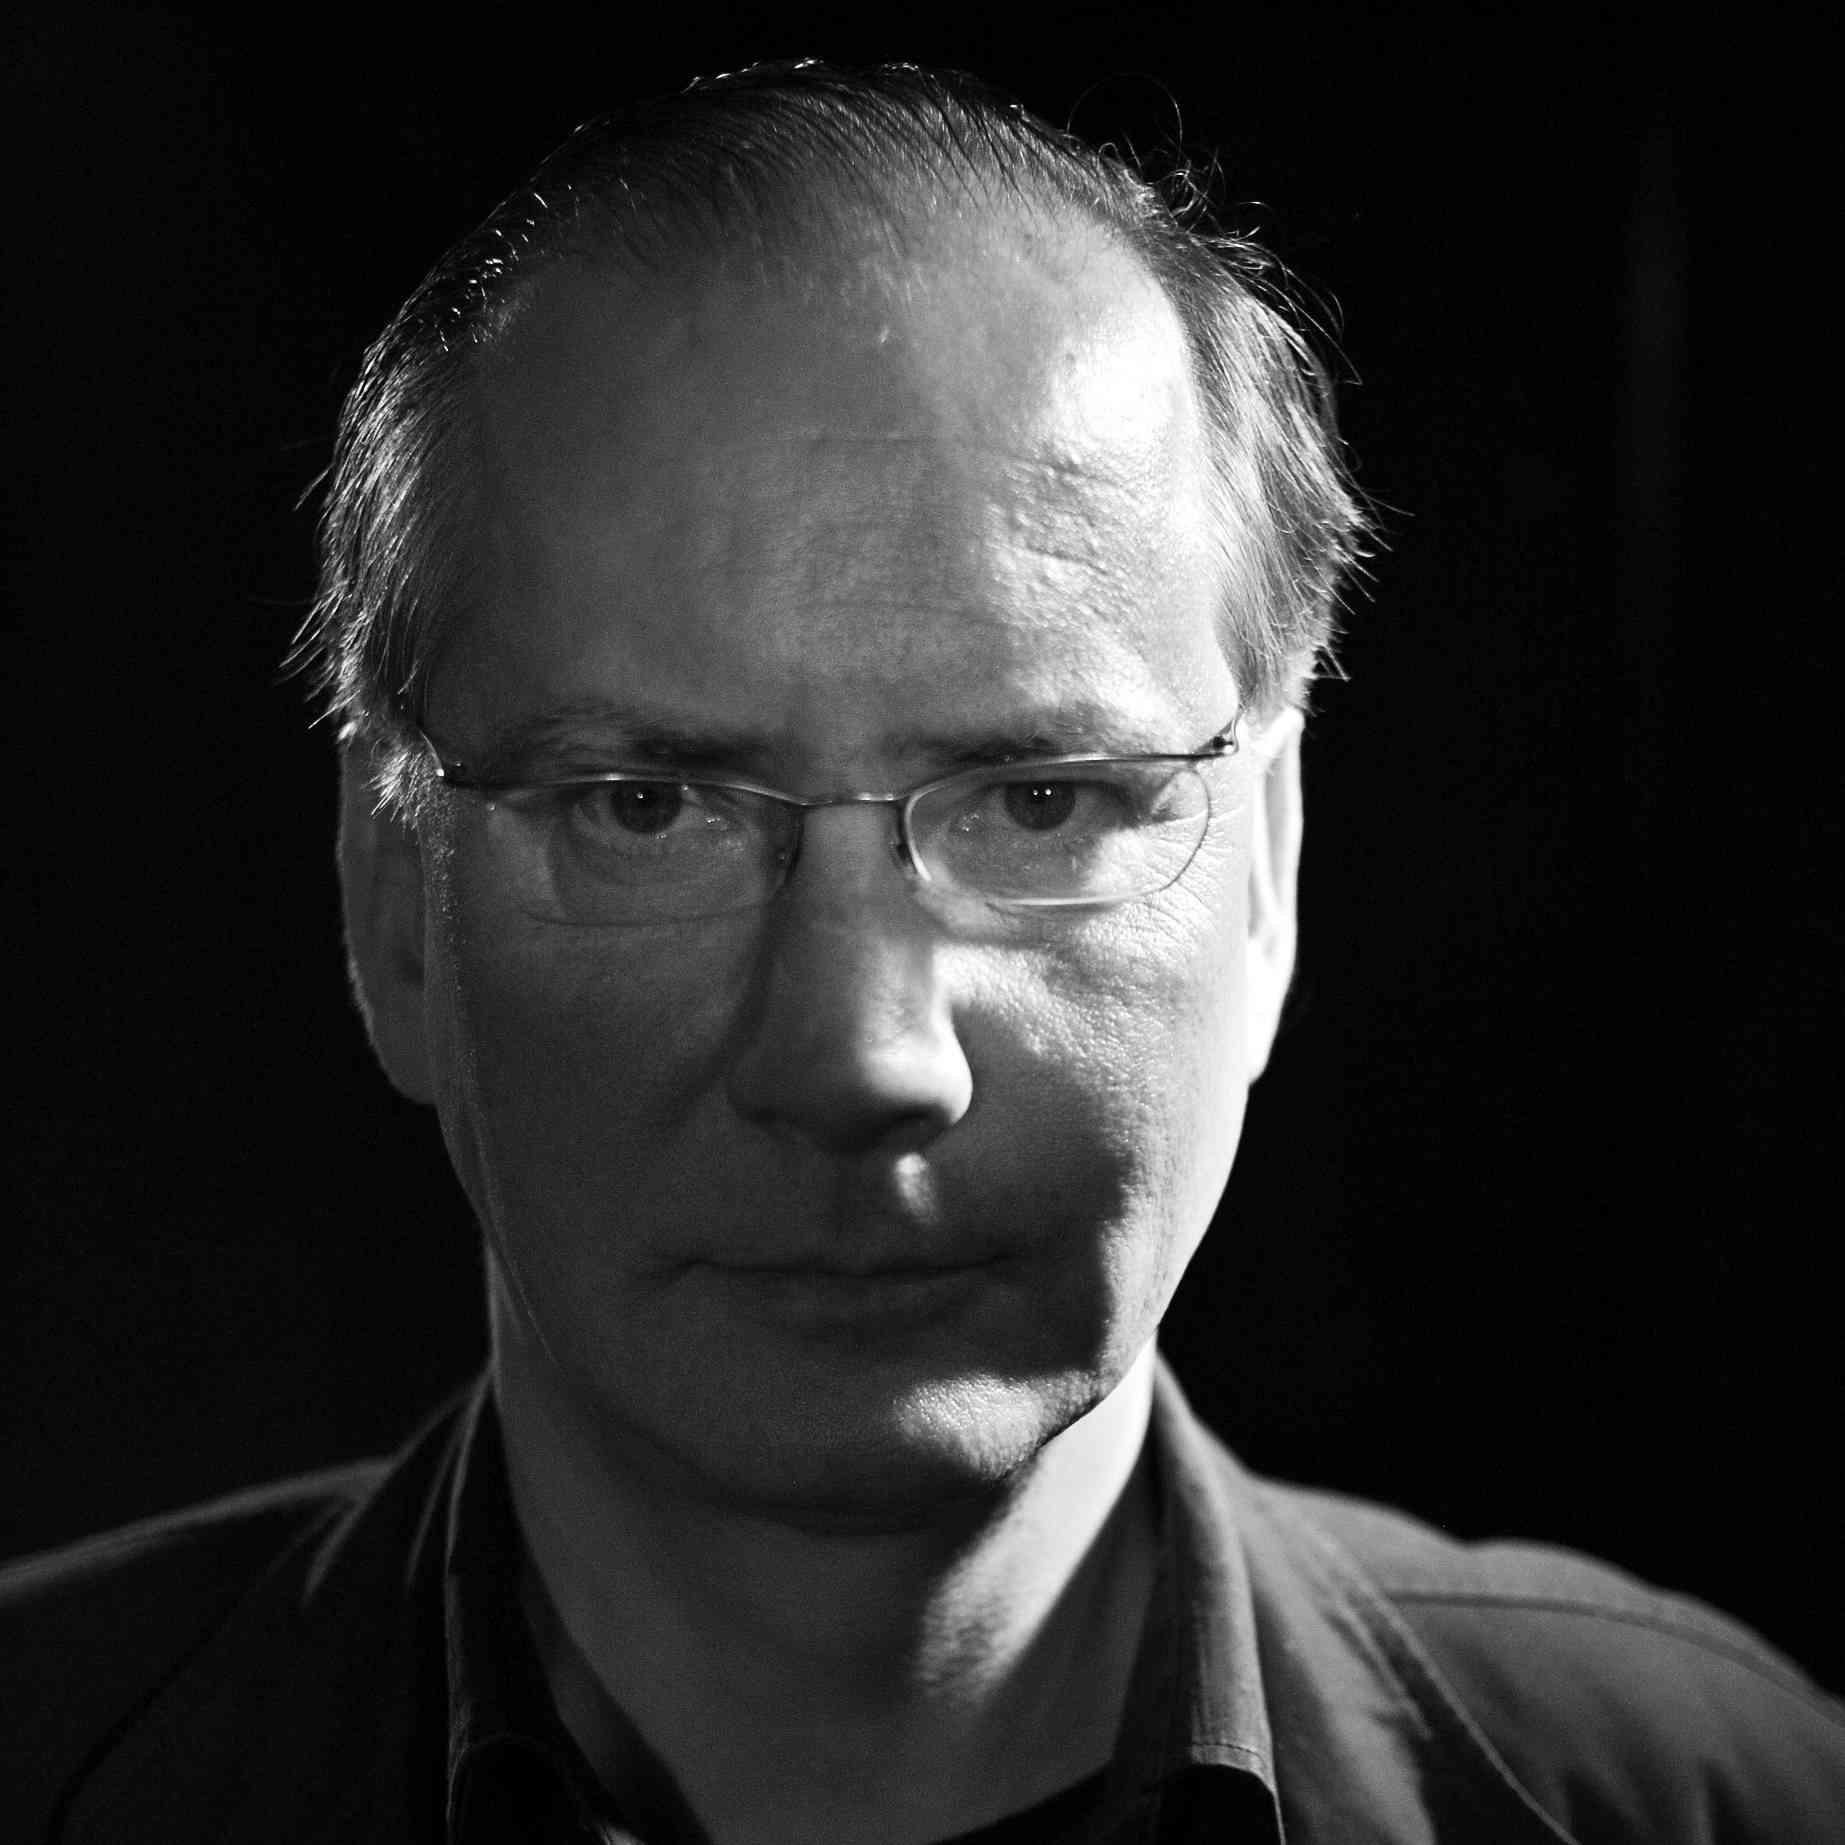 Peter Ahorner